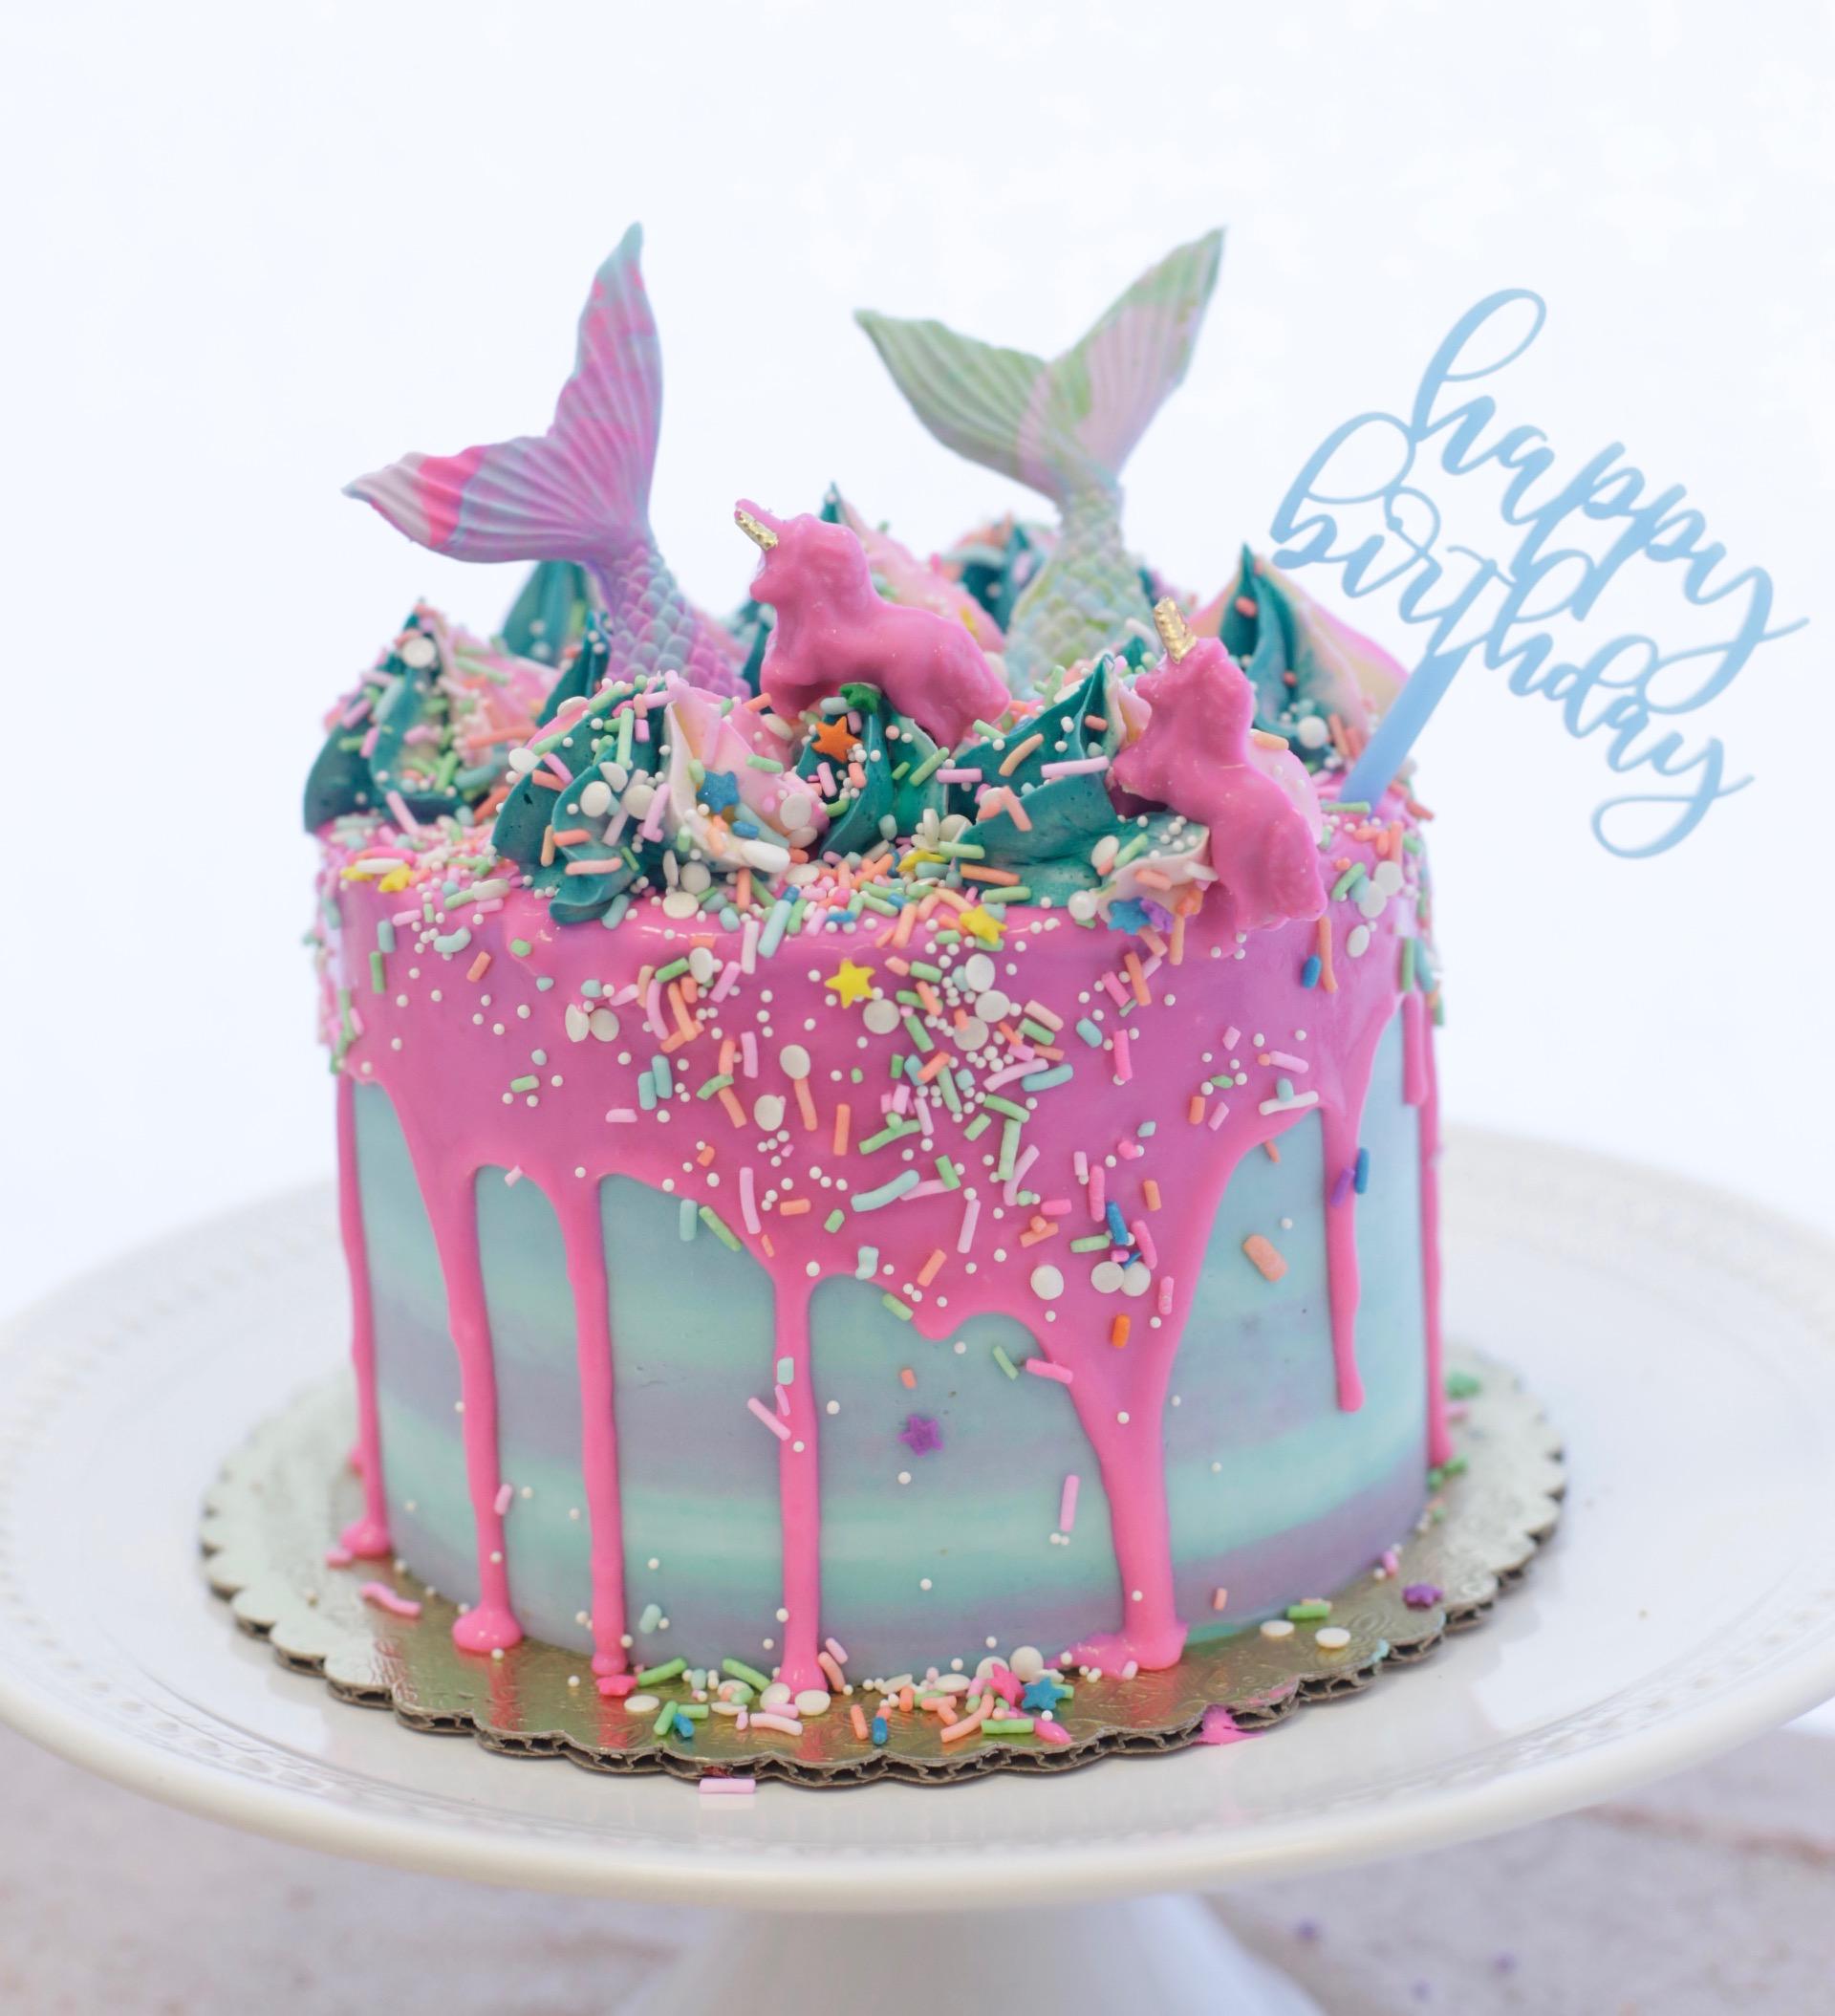 Trendy Birthday Cakes from Instagram | Mermaid/Unicorn Hybrid